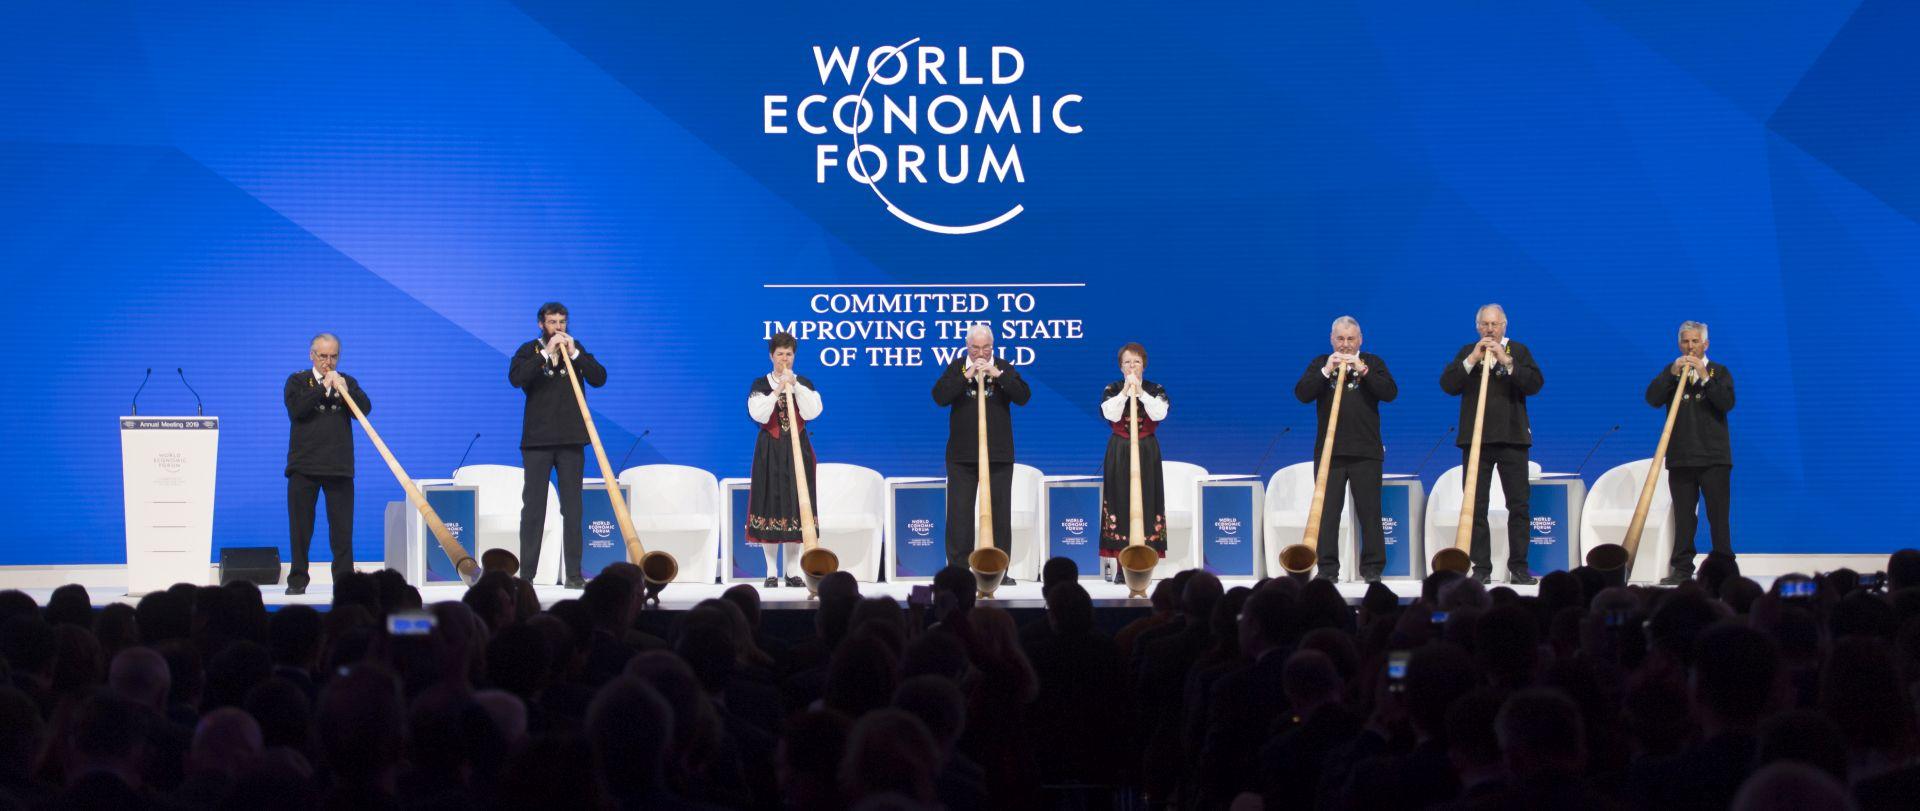 DAVOS Međunarodna suradnja rješenje je za svjetske izazove